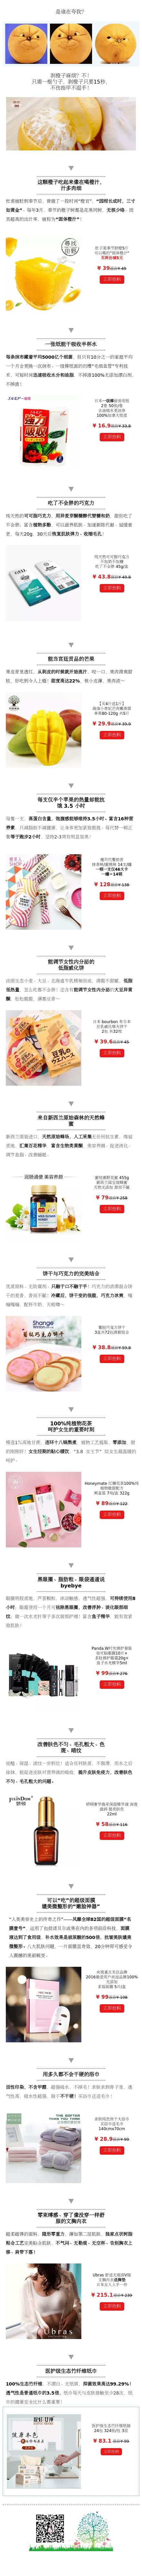 微信商城有赞商品推荐微店微信服务号文章模板